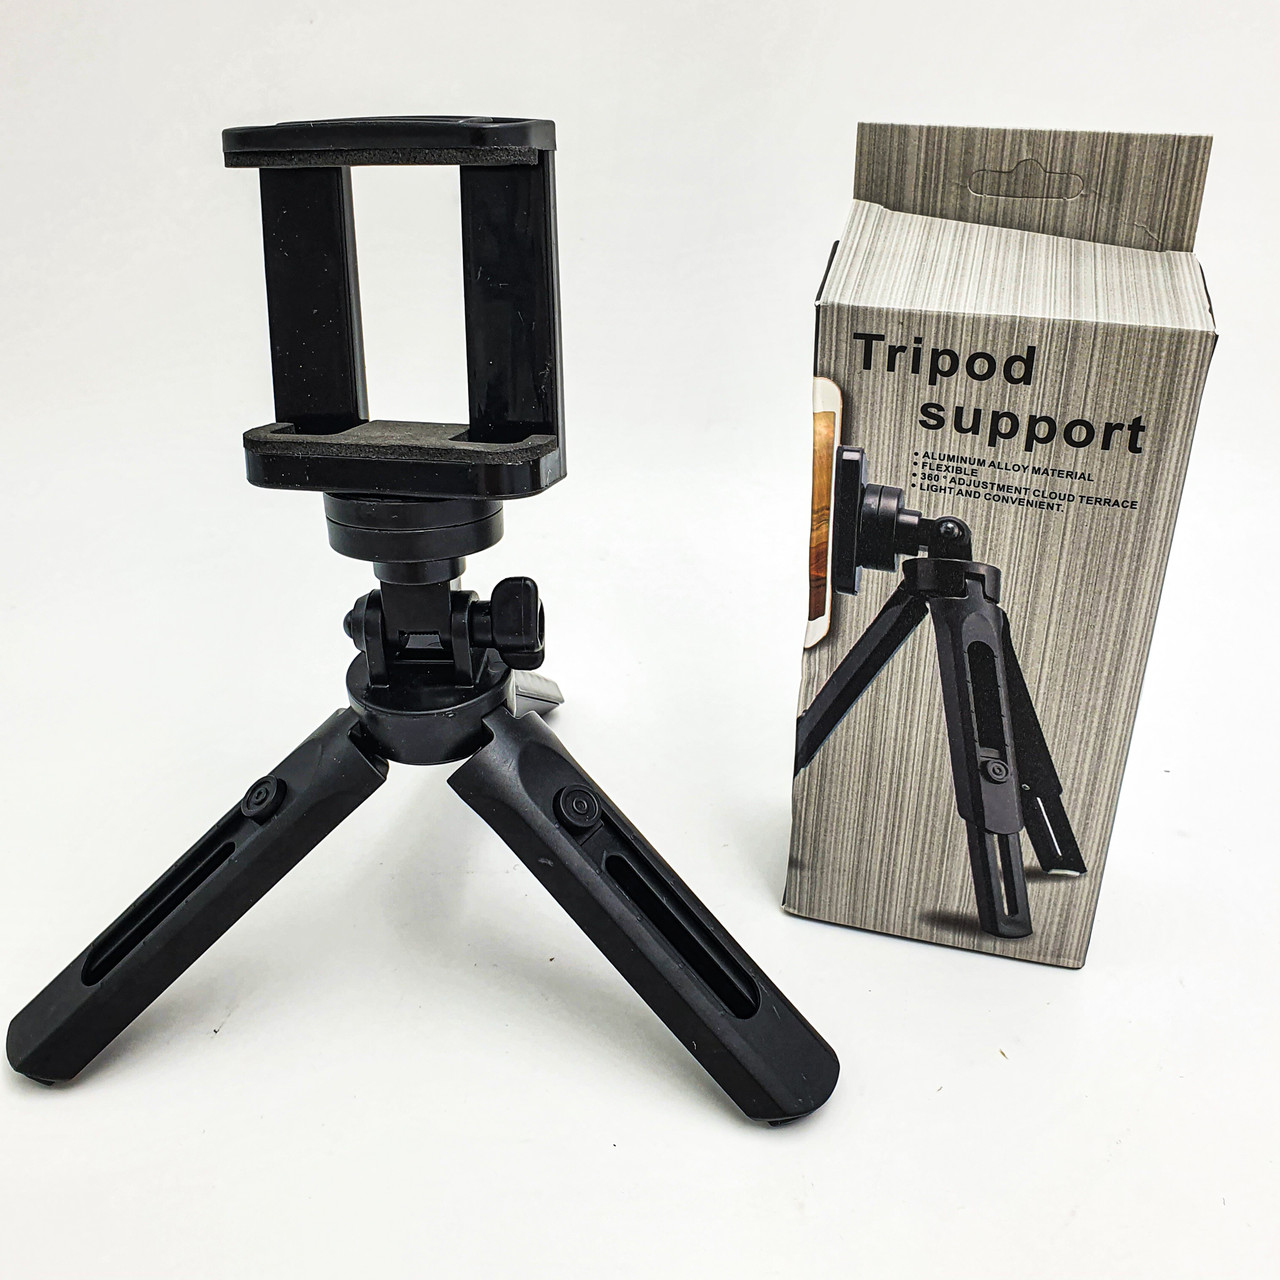 Телескопічний Штатив для камери телефону 12-20 см трипод UKC Tripod support чорний